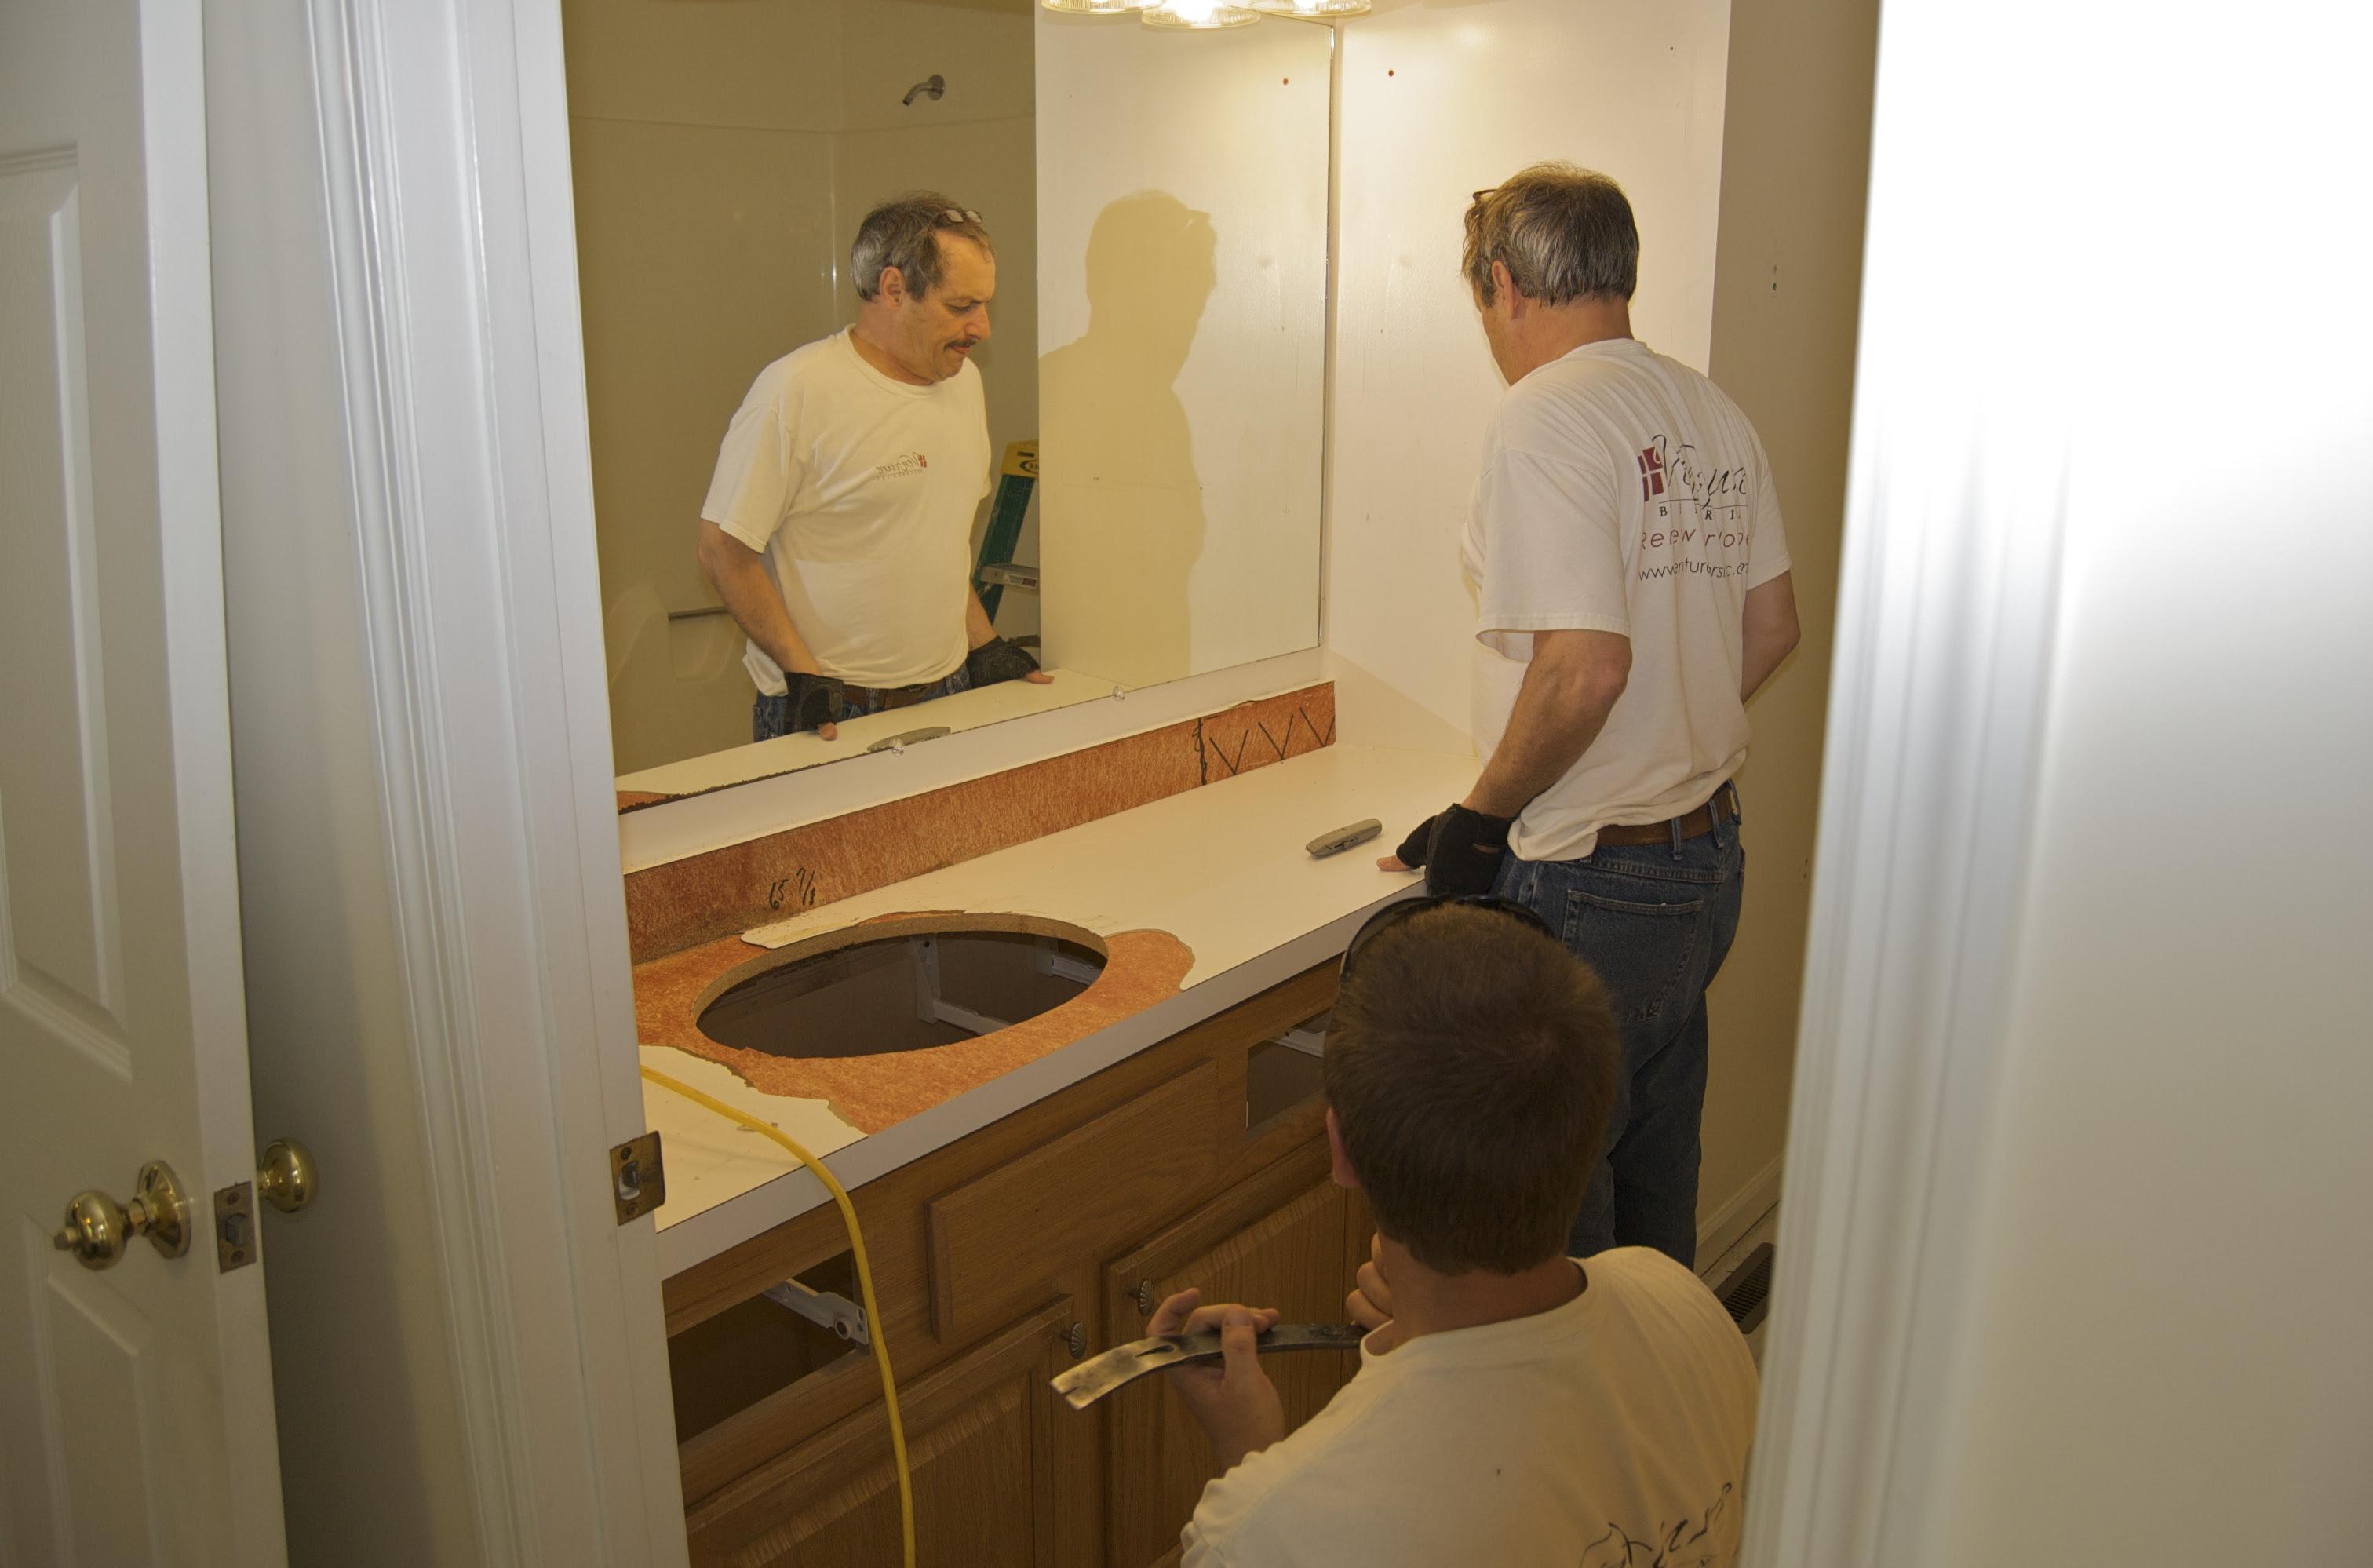 Emergency Bathroom Remodeling in New York